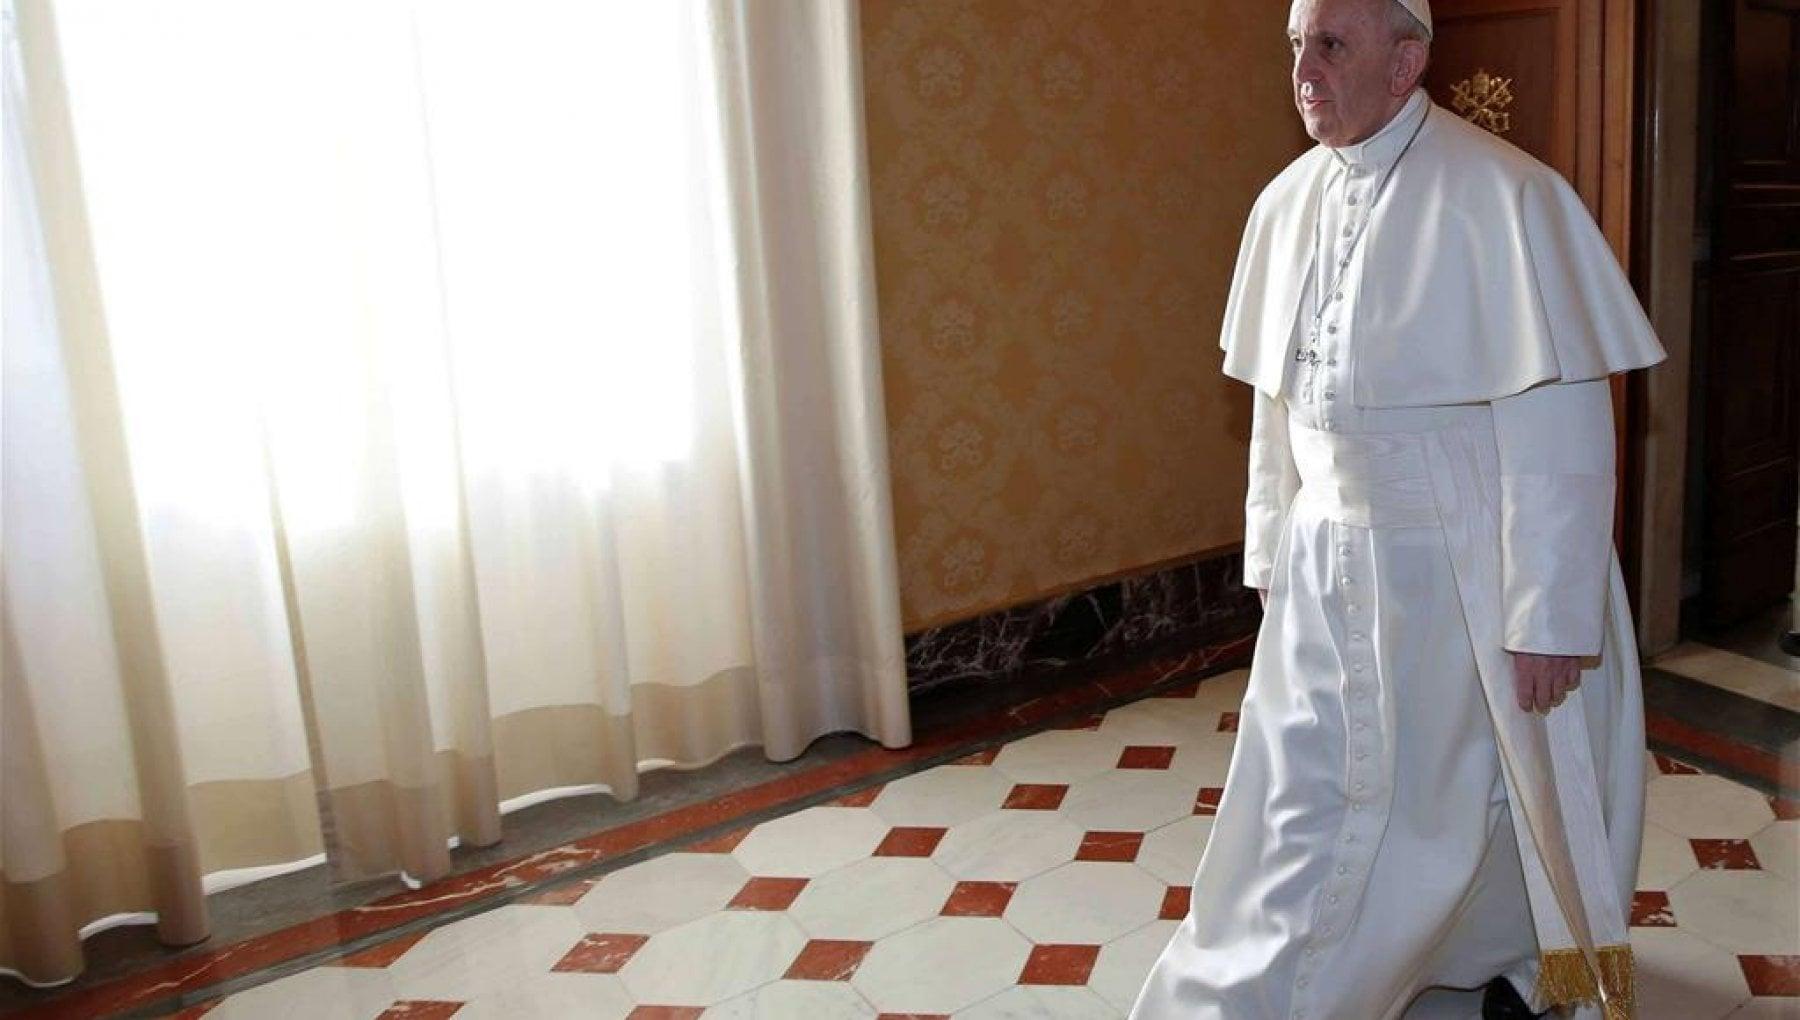 """131015130 4230183c 10da 4ca7 a240 d6d8562c1c34 - Papa Francesco sull'assalto a Capitol Hill: """"La violenza non è mai accettabile"""""""